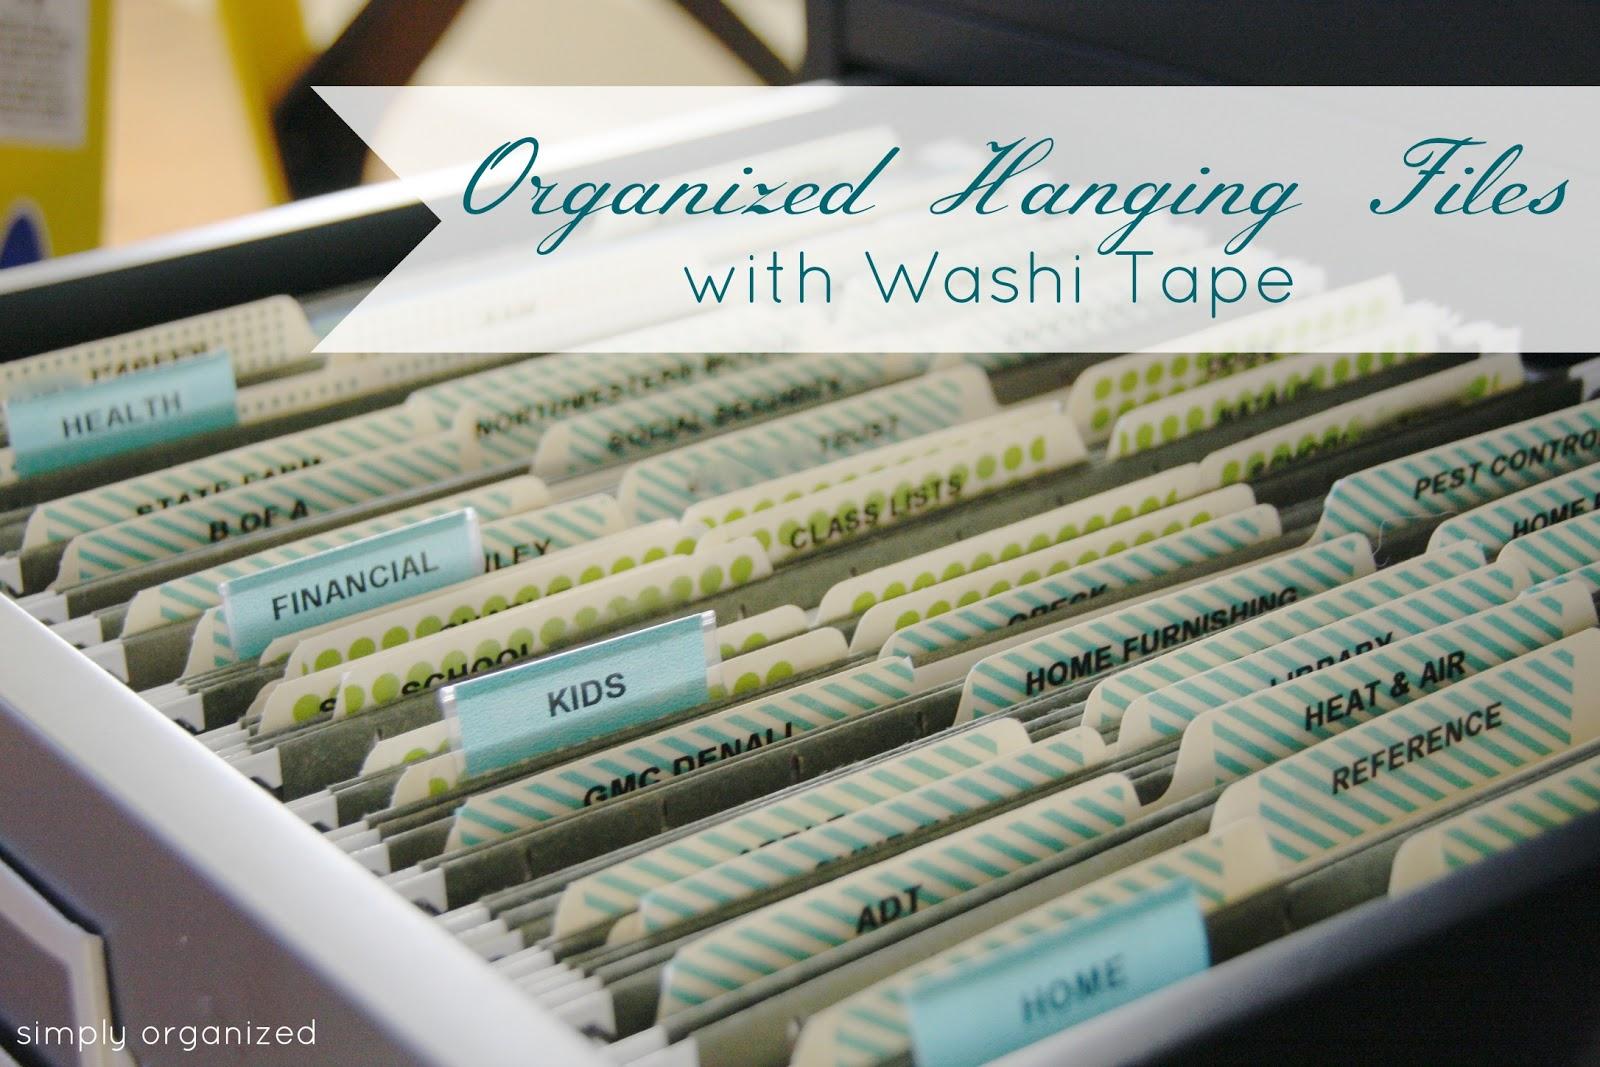 organized hanging files